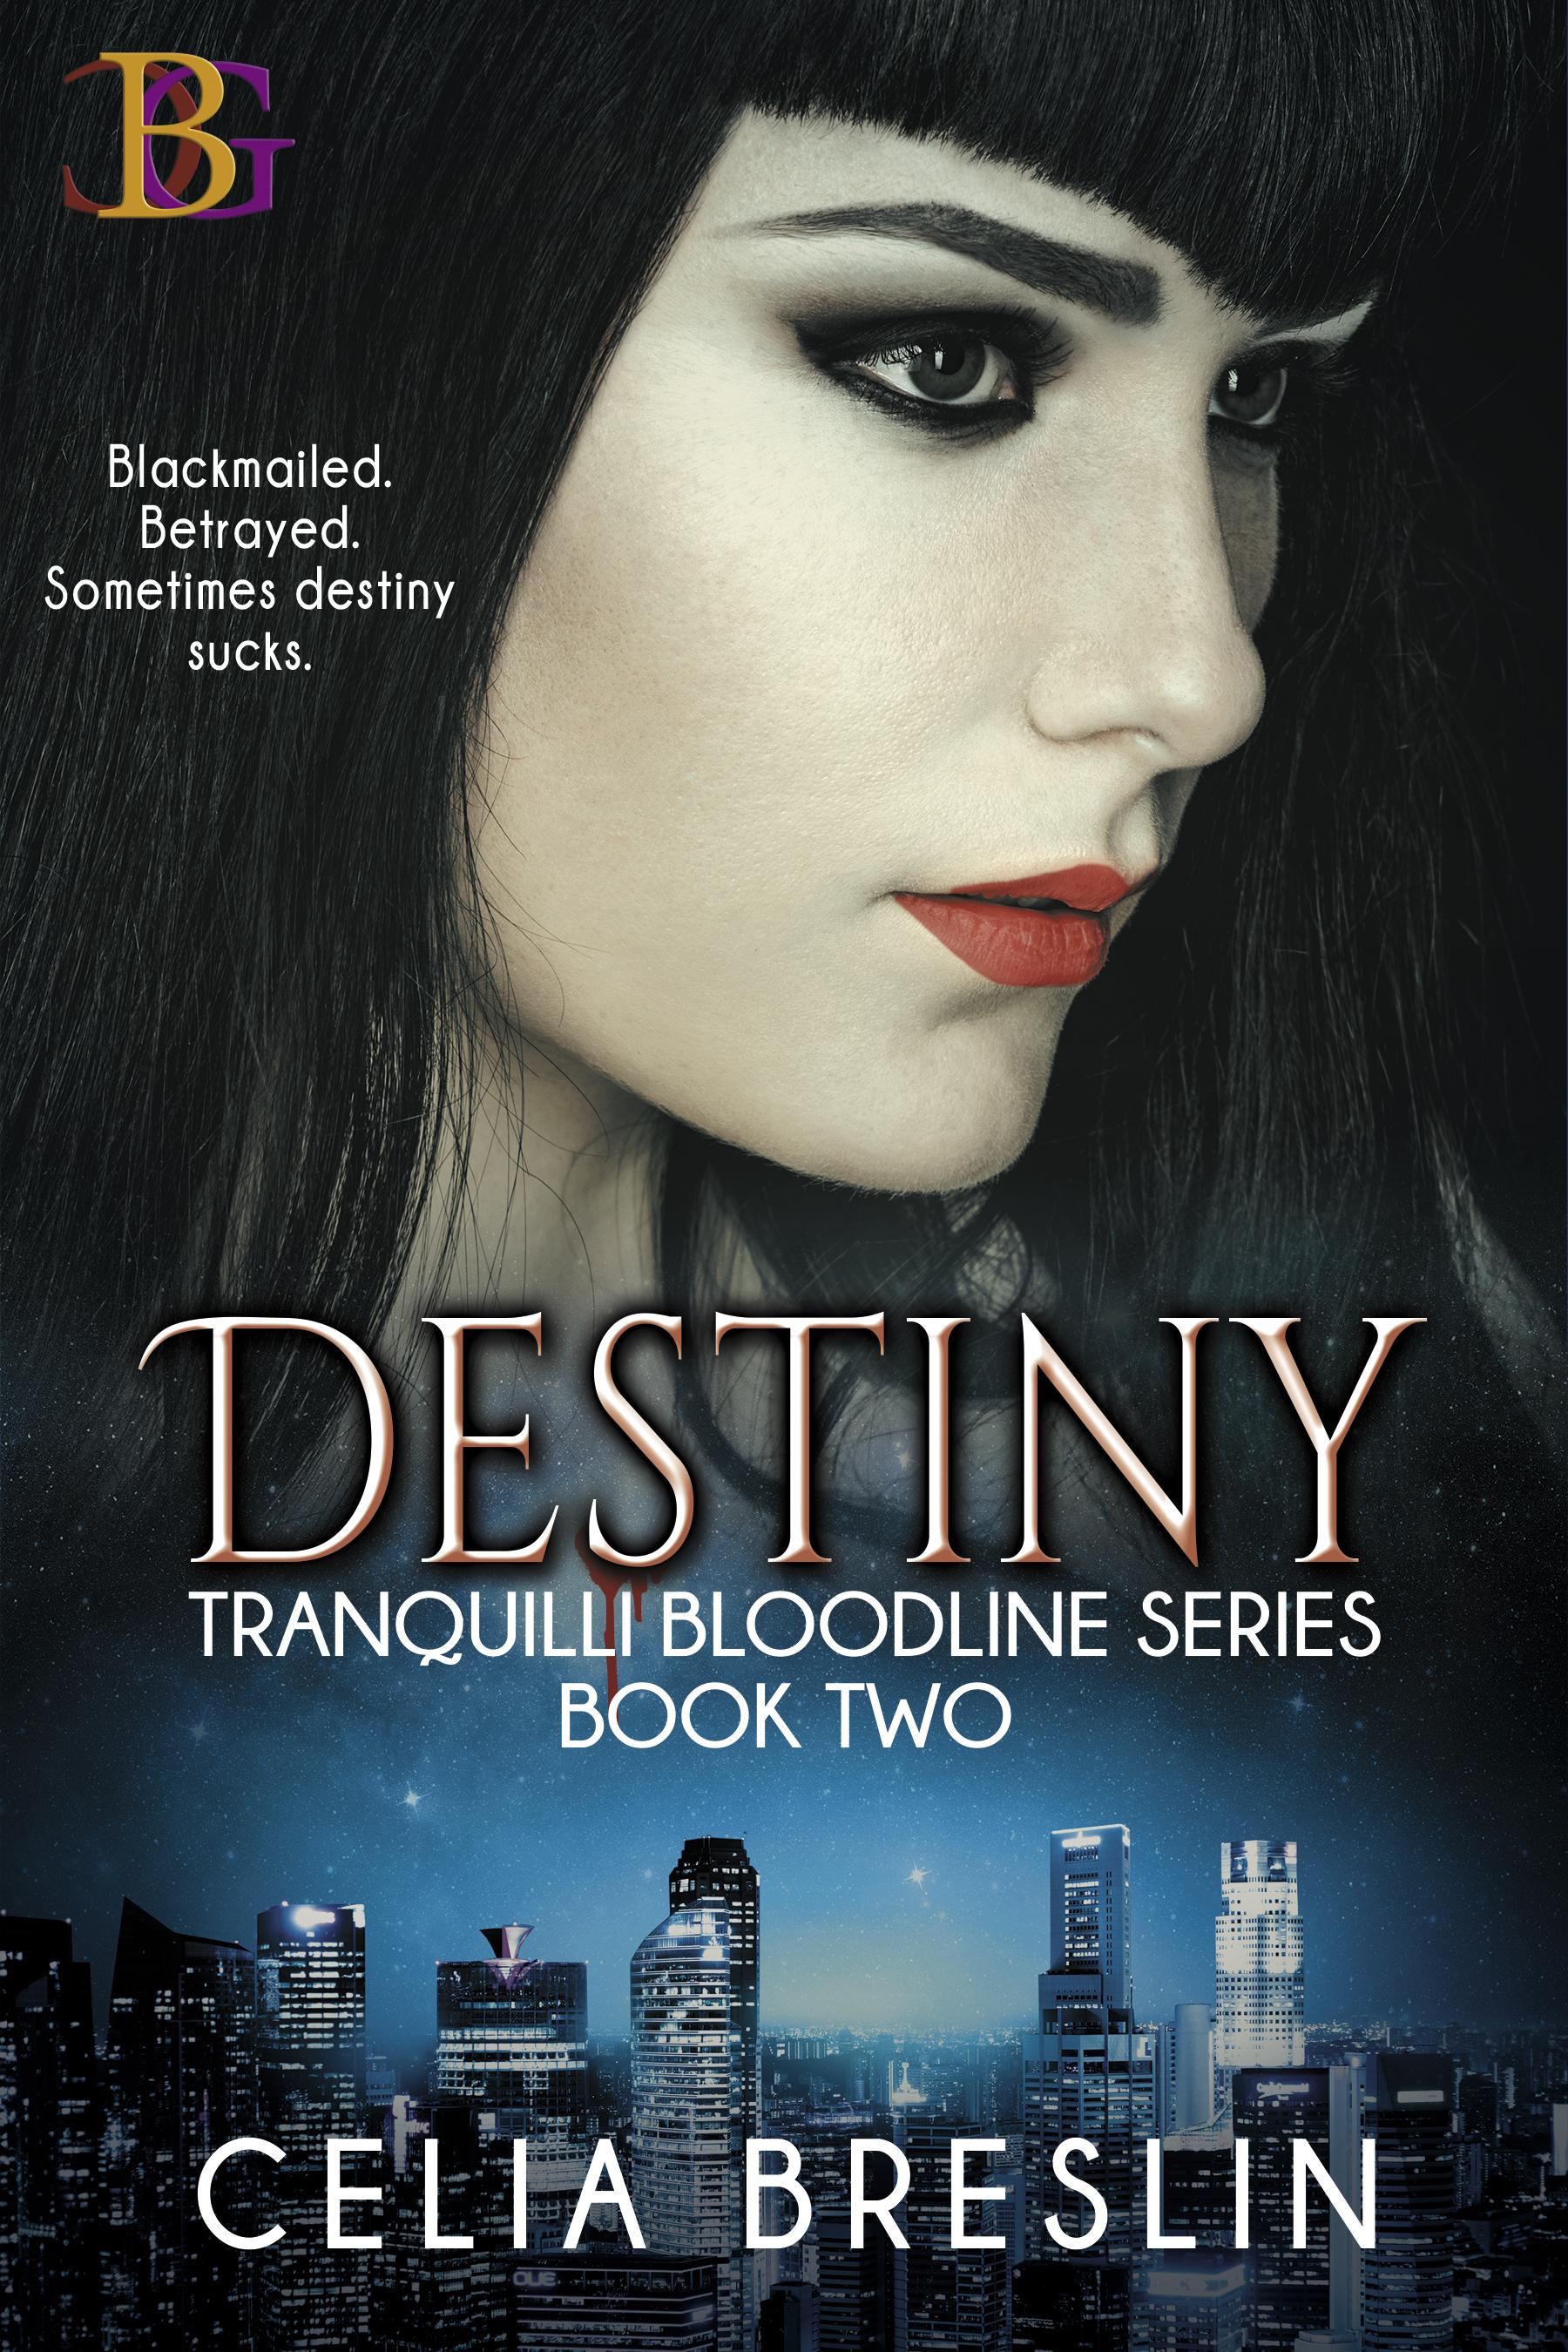 Destiny by Celia Breslin new book cover